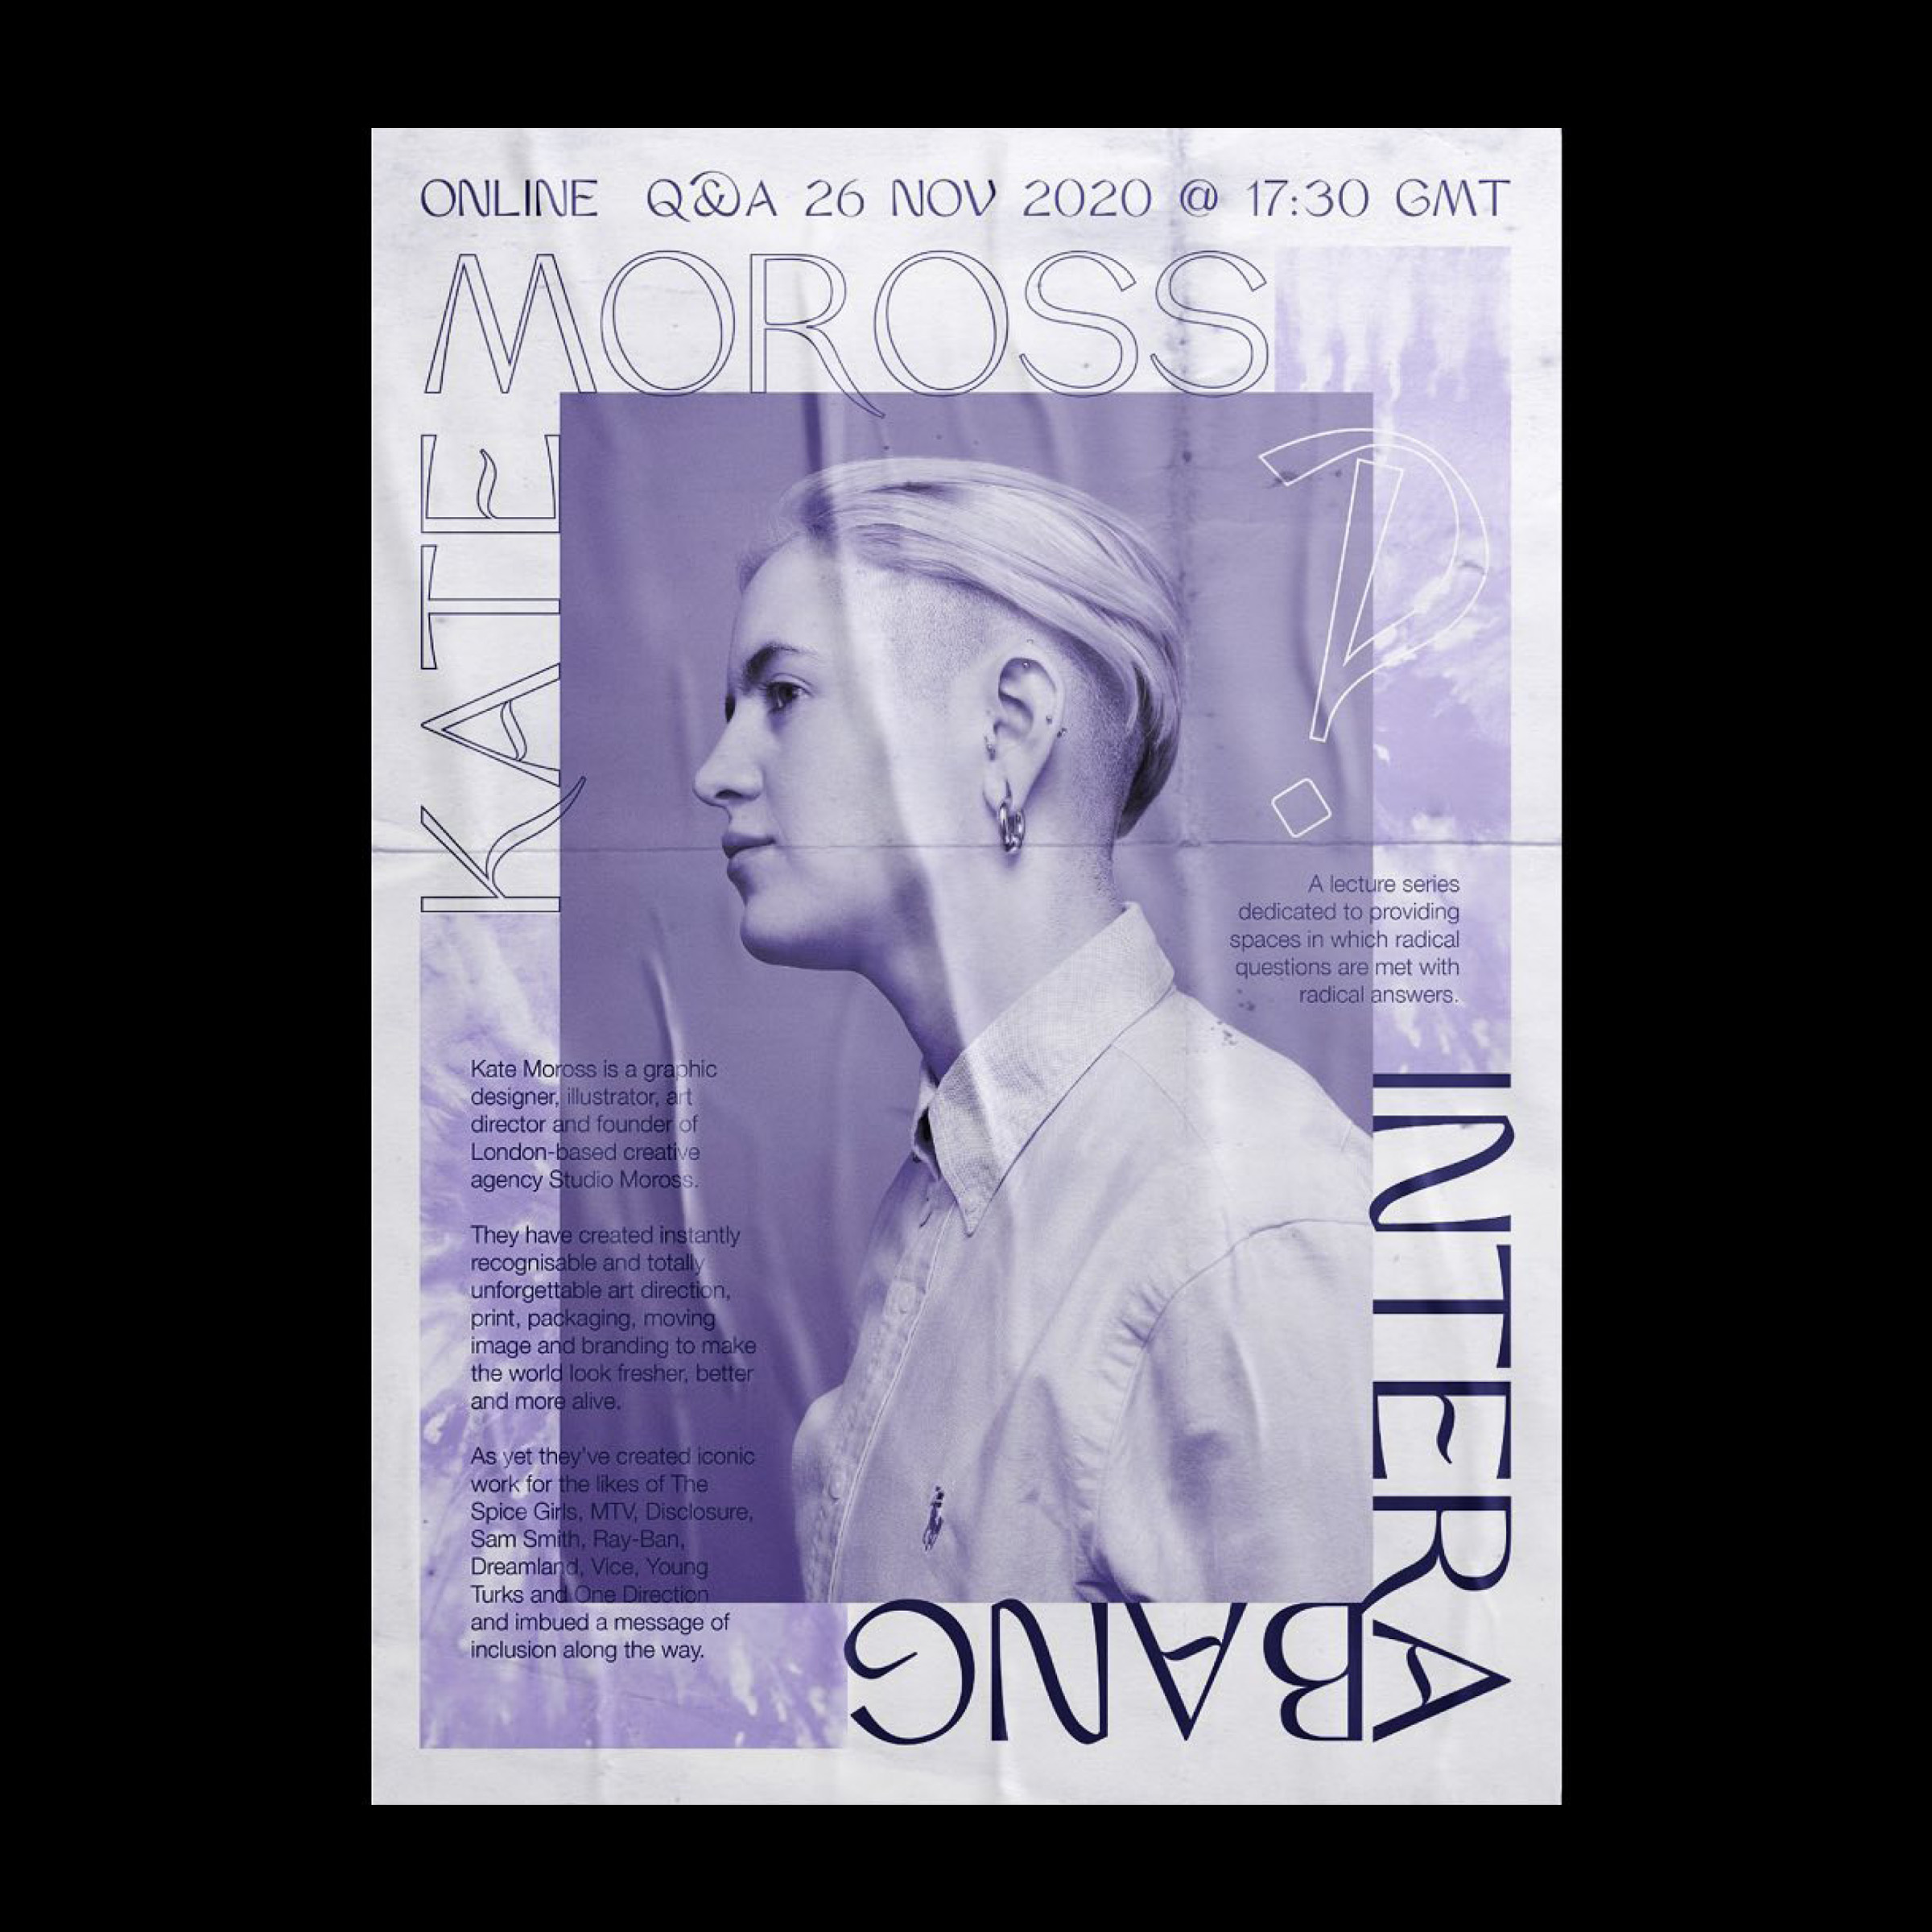 Kate-Moross-1-poster